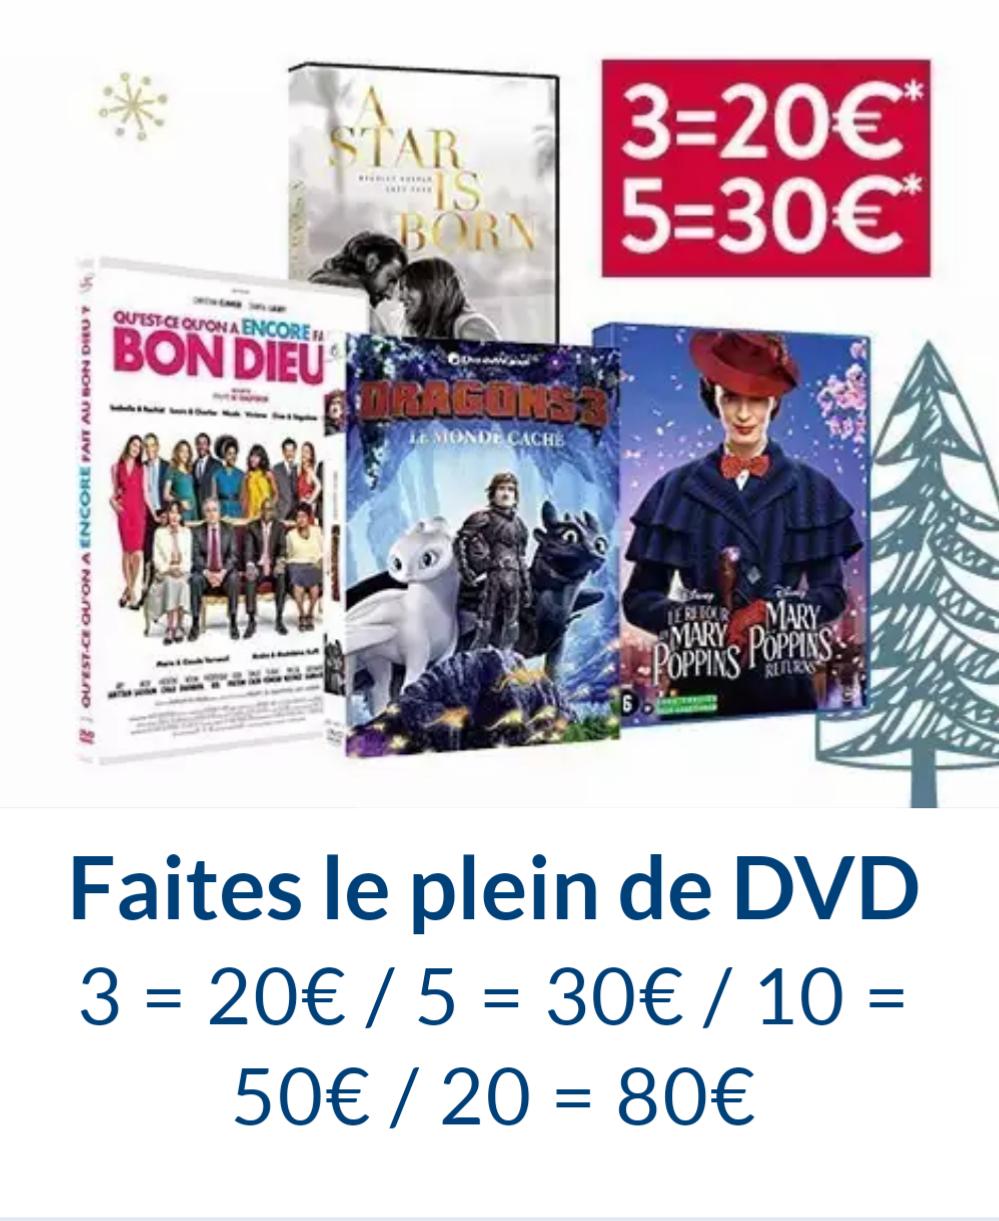 3 DVDs parmi une sélection pour 20€, 5 pour 30€ et 20 DVDs pour 80€